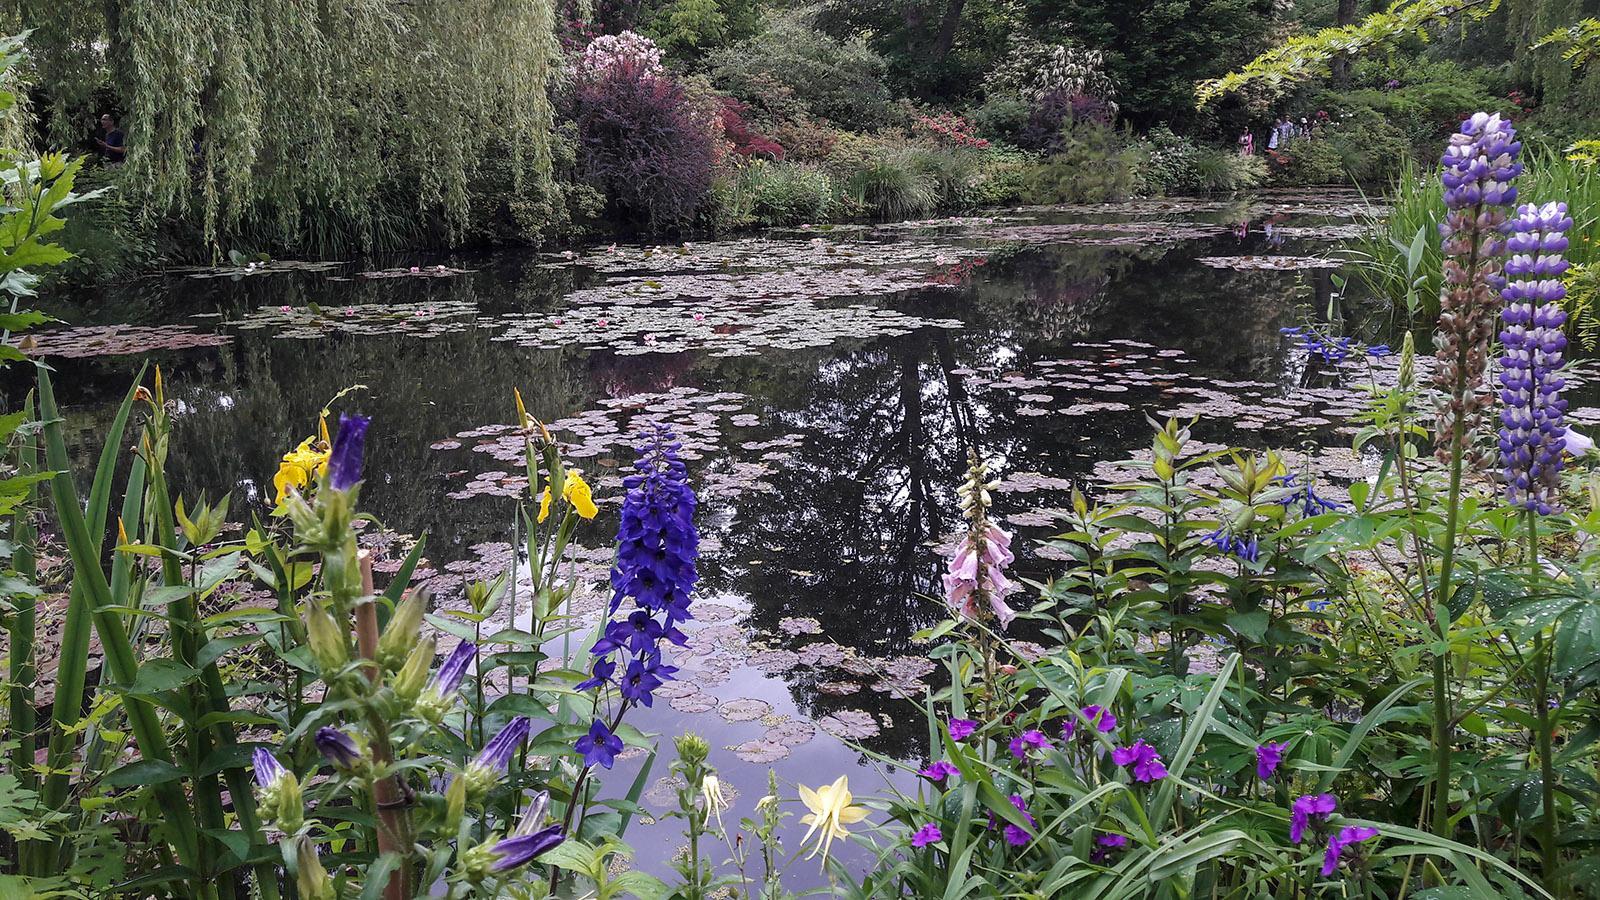 Der Garten von Monet in Giverny. Foto: Ulrike Siepmann-Kolley